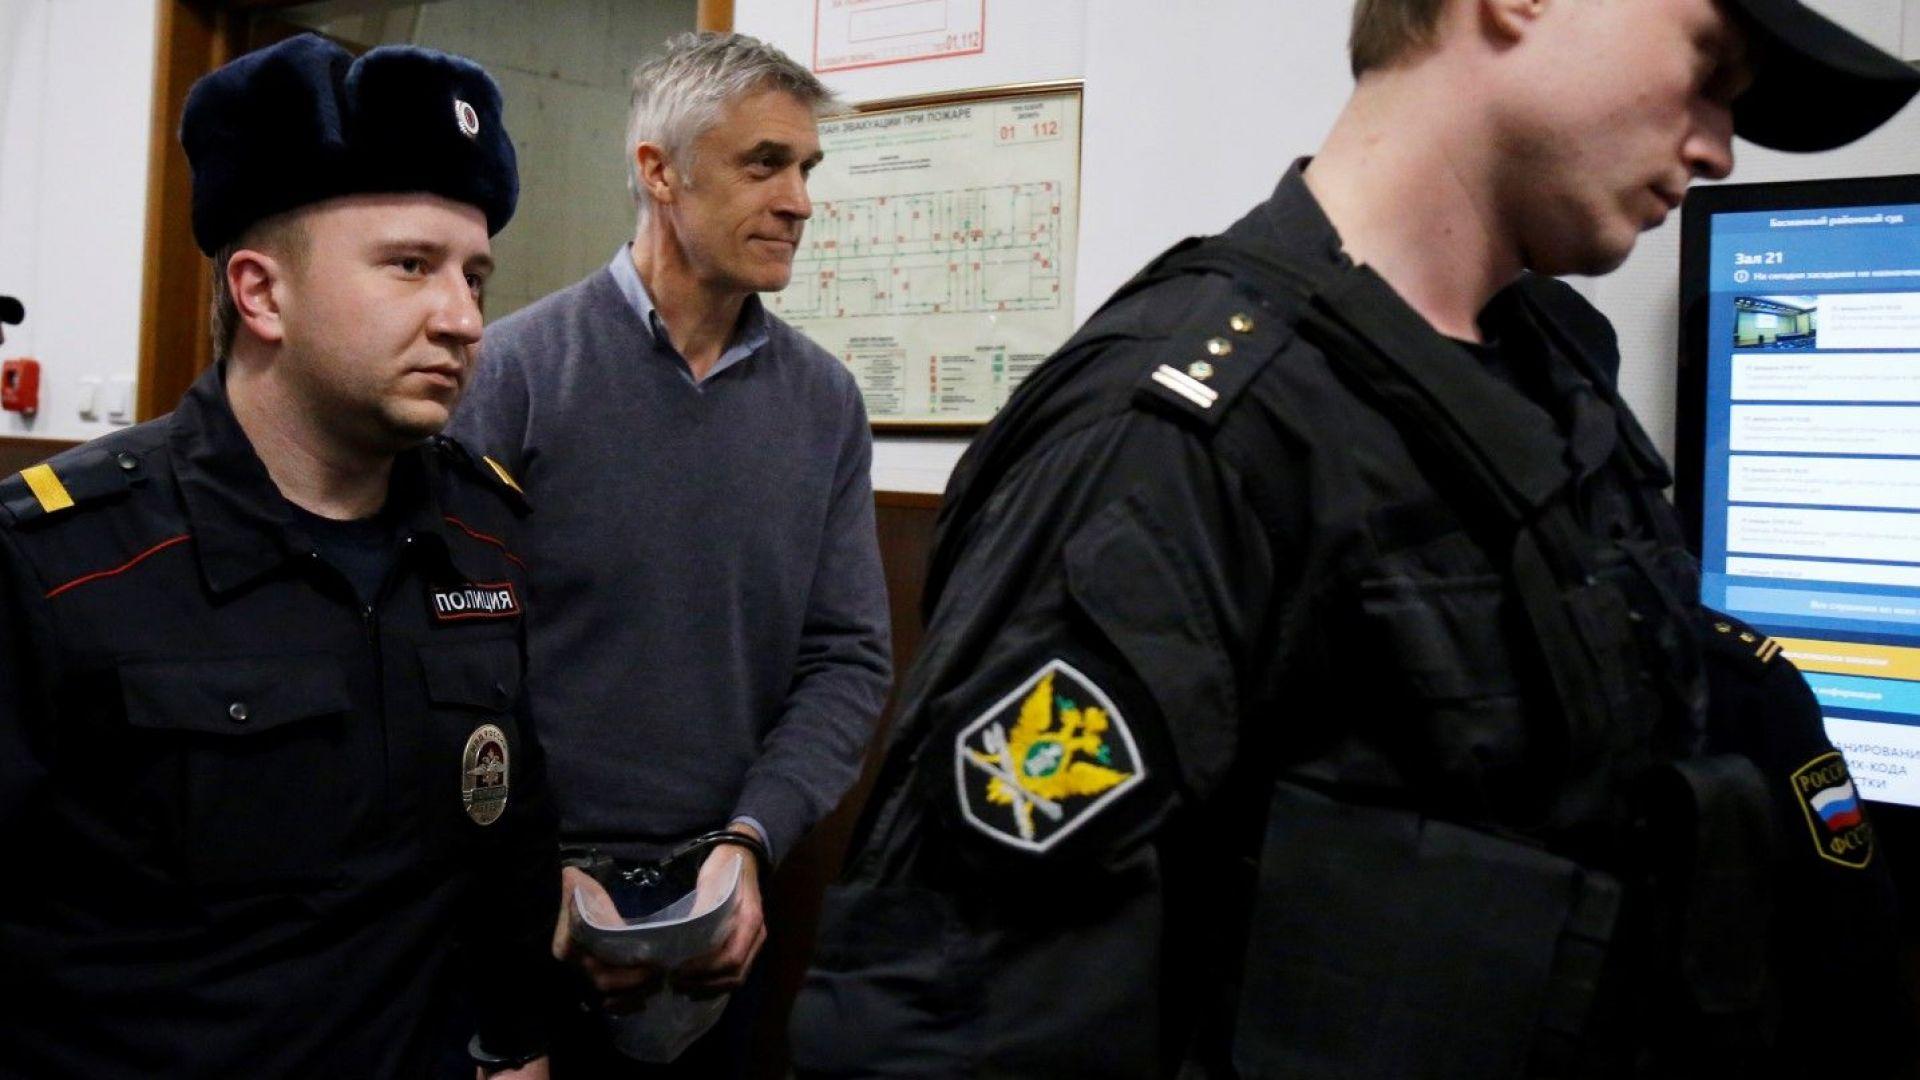 Русия официално обвини амерканеца Майкъл Калви в измама, САЩ протестира